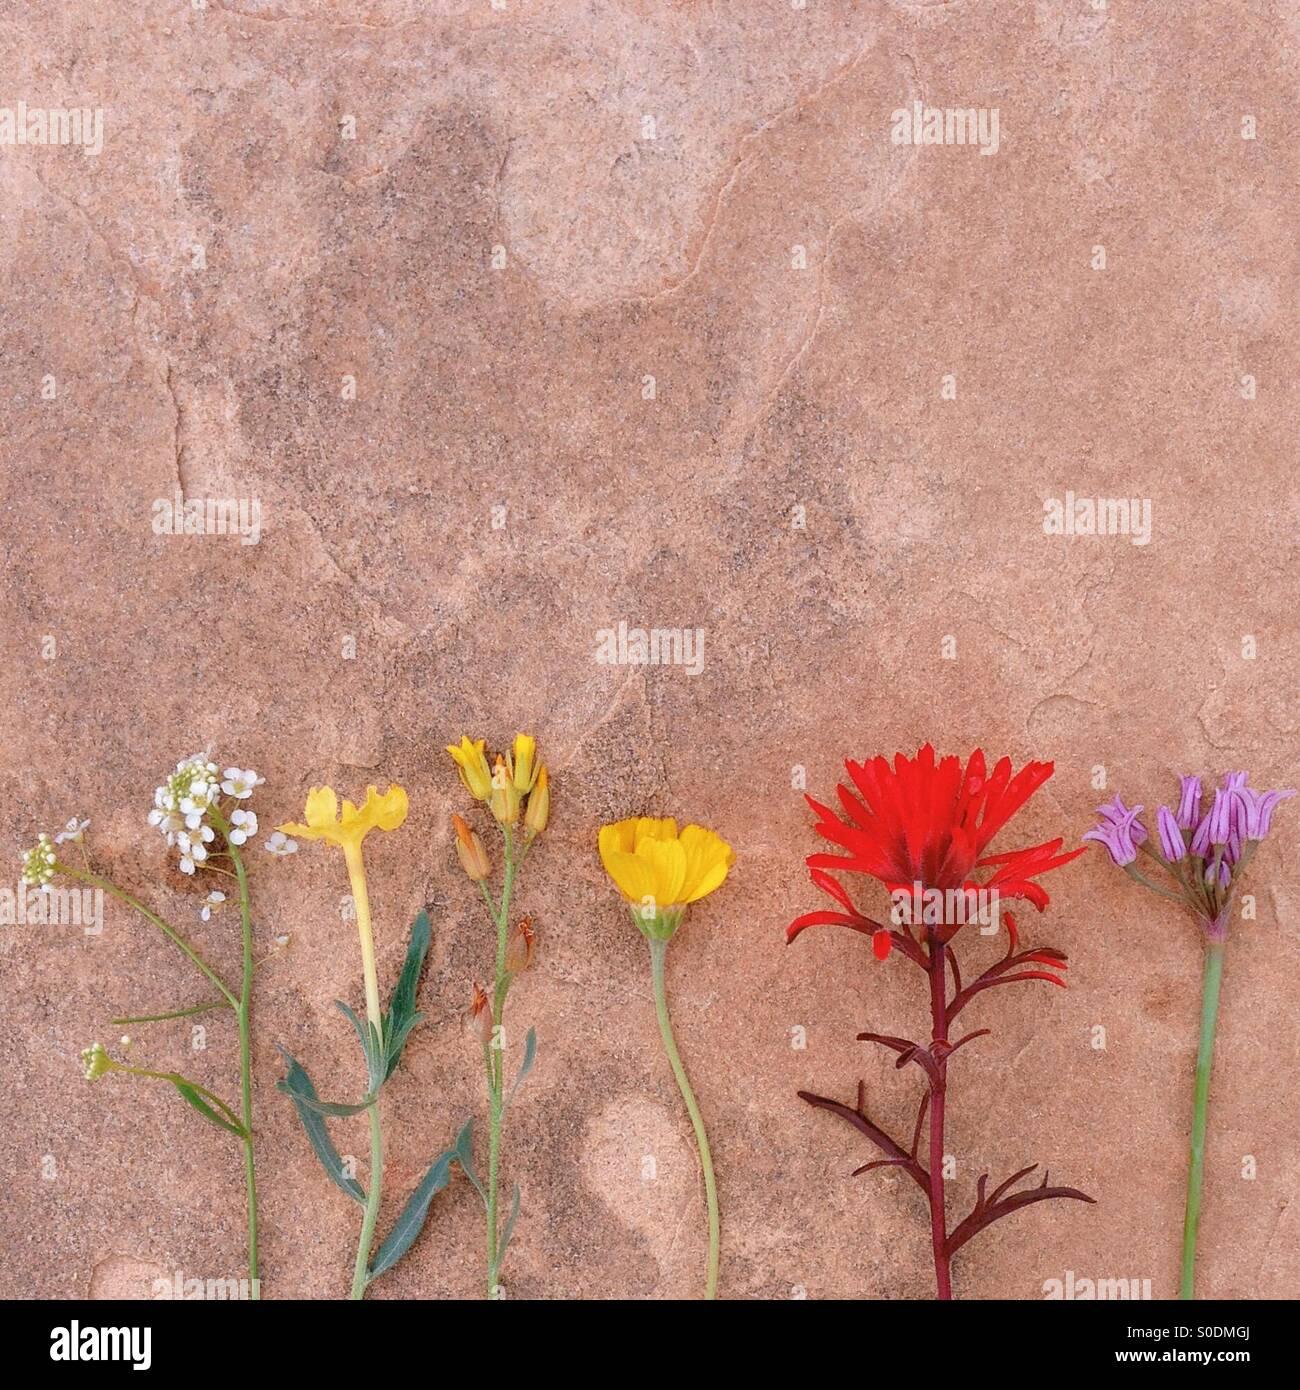 Flore du désert Photo Stock